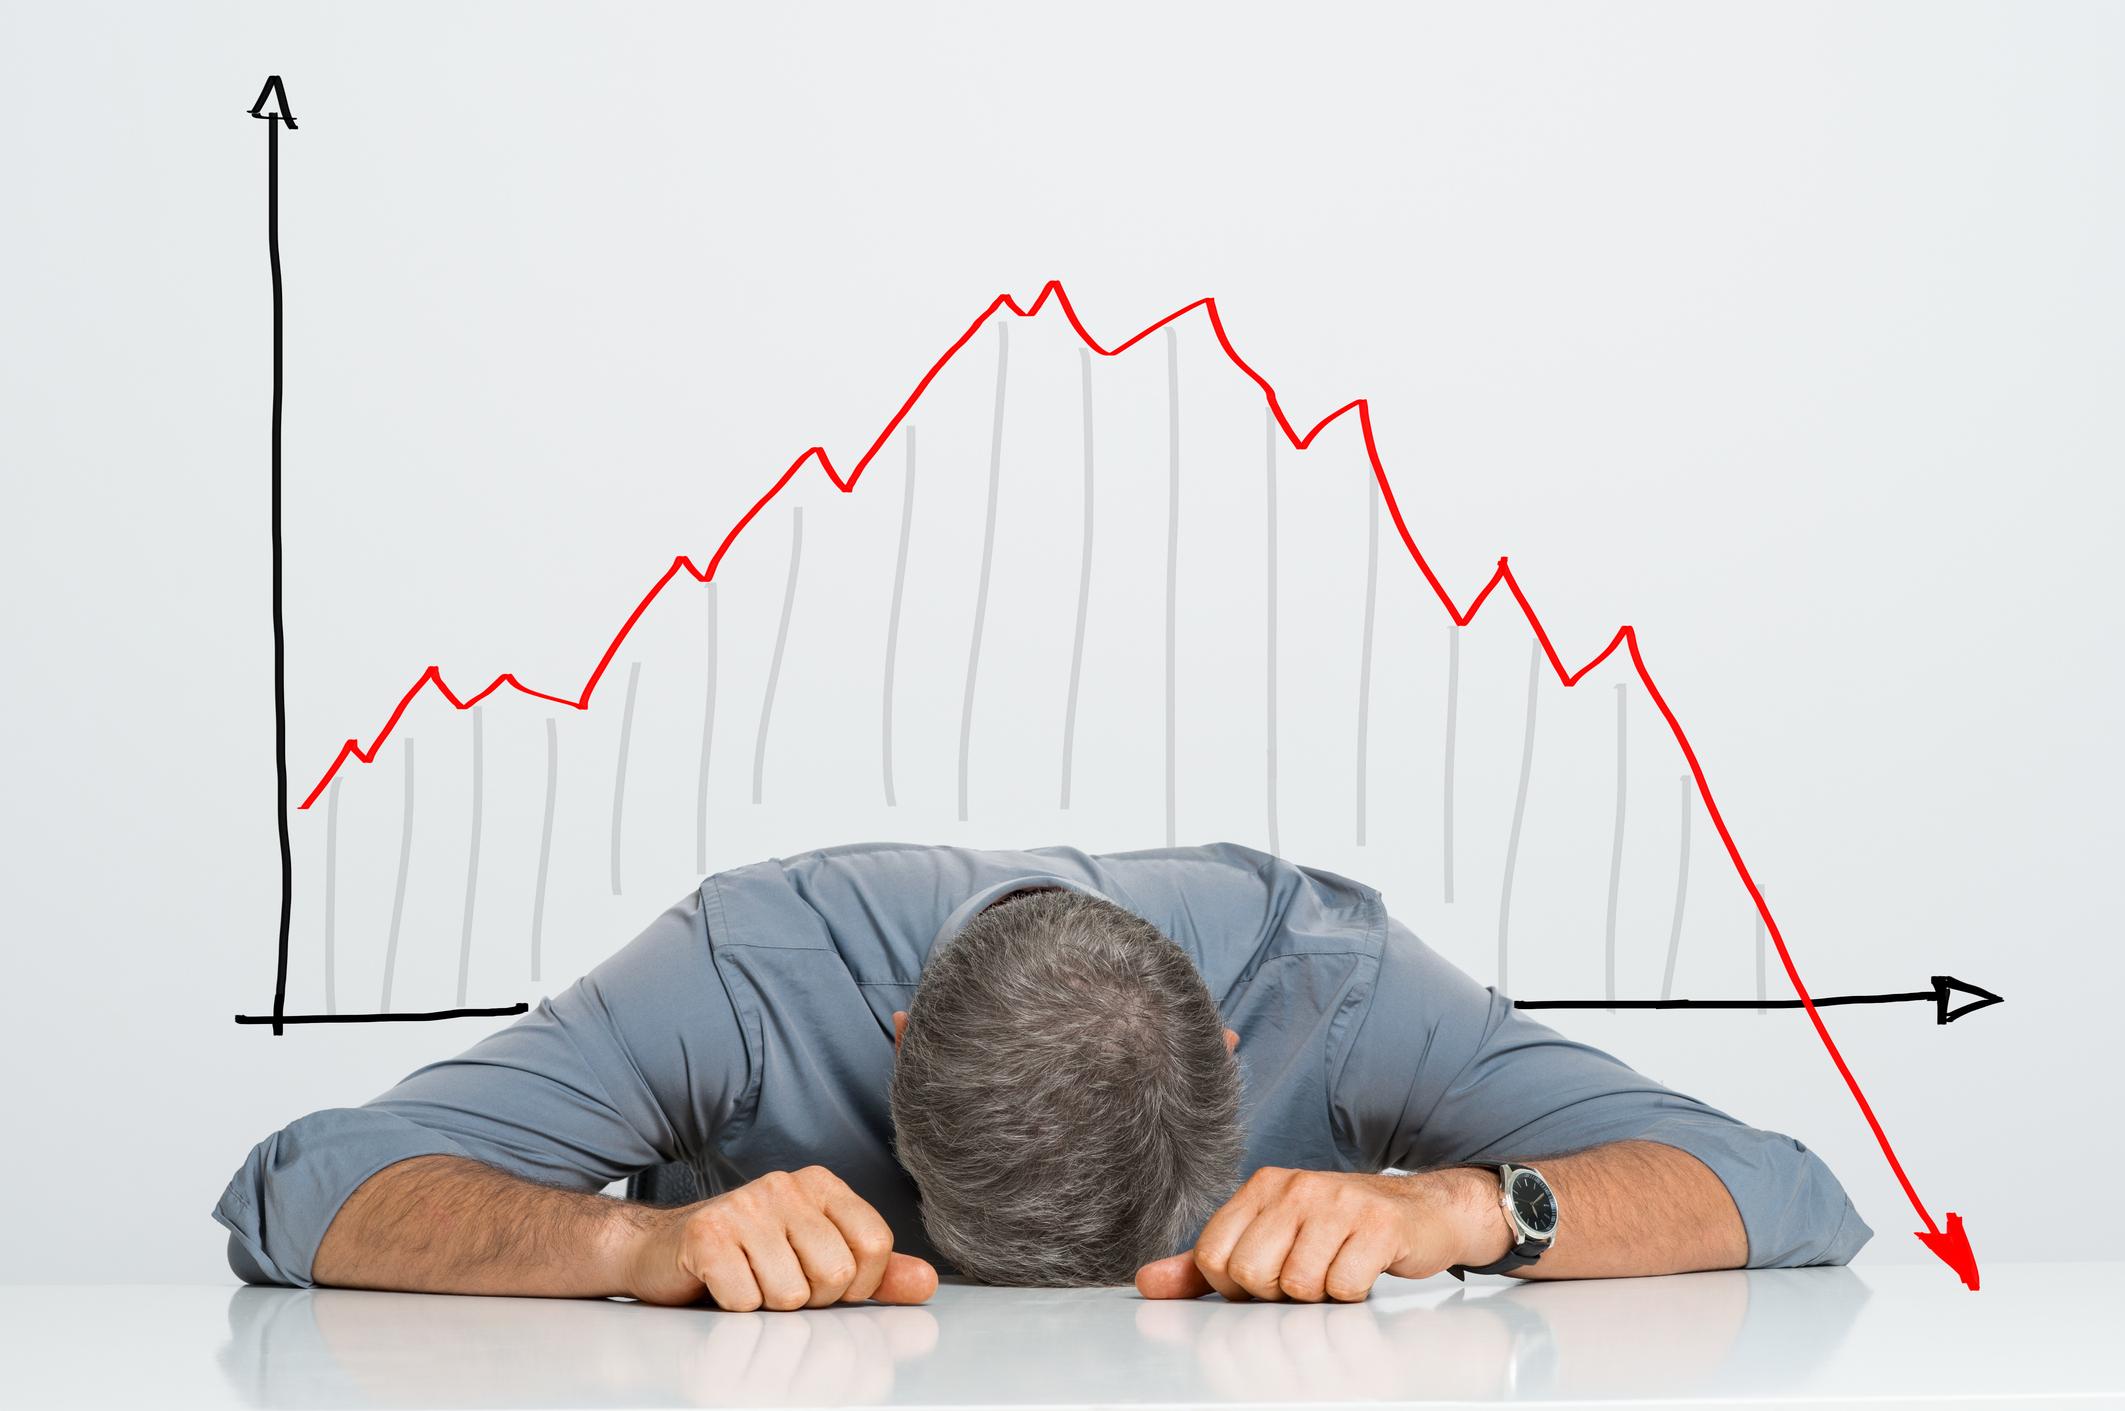 Market crash and unhappy man